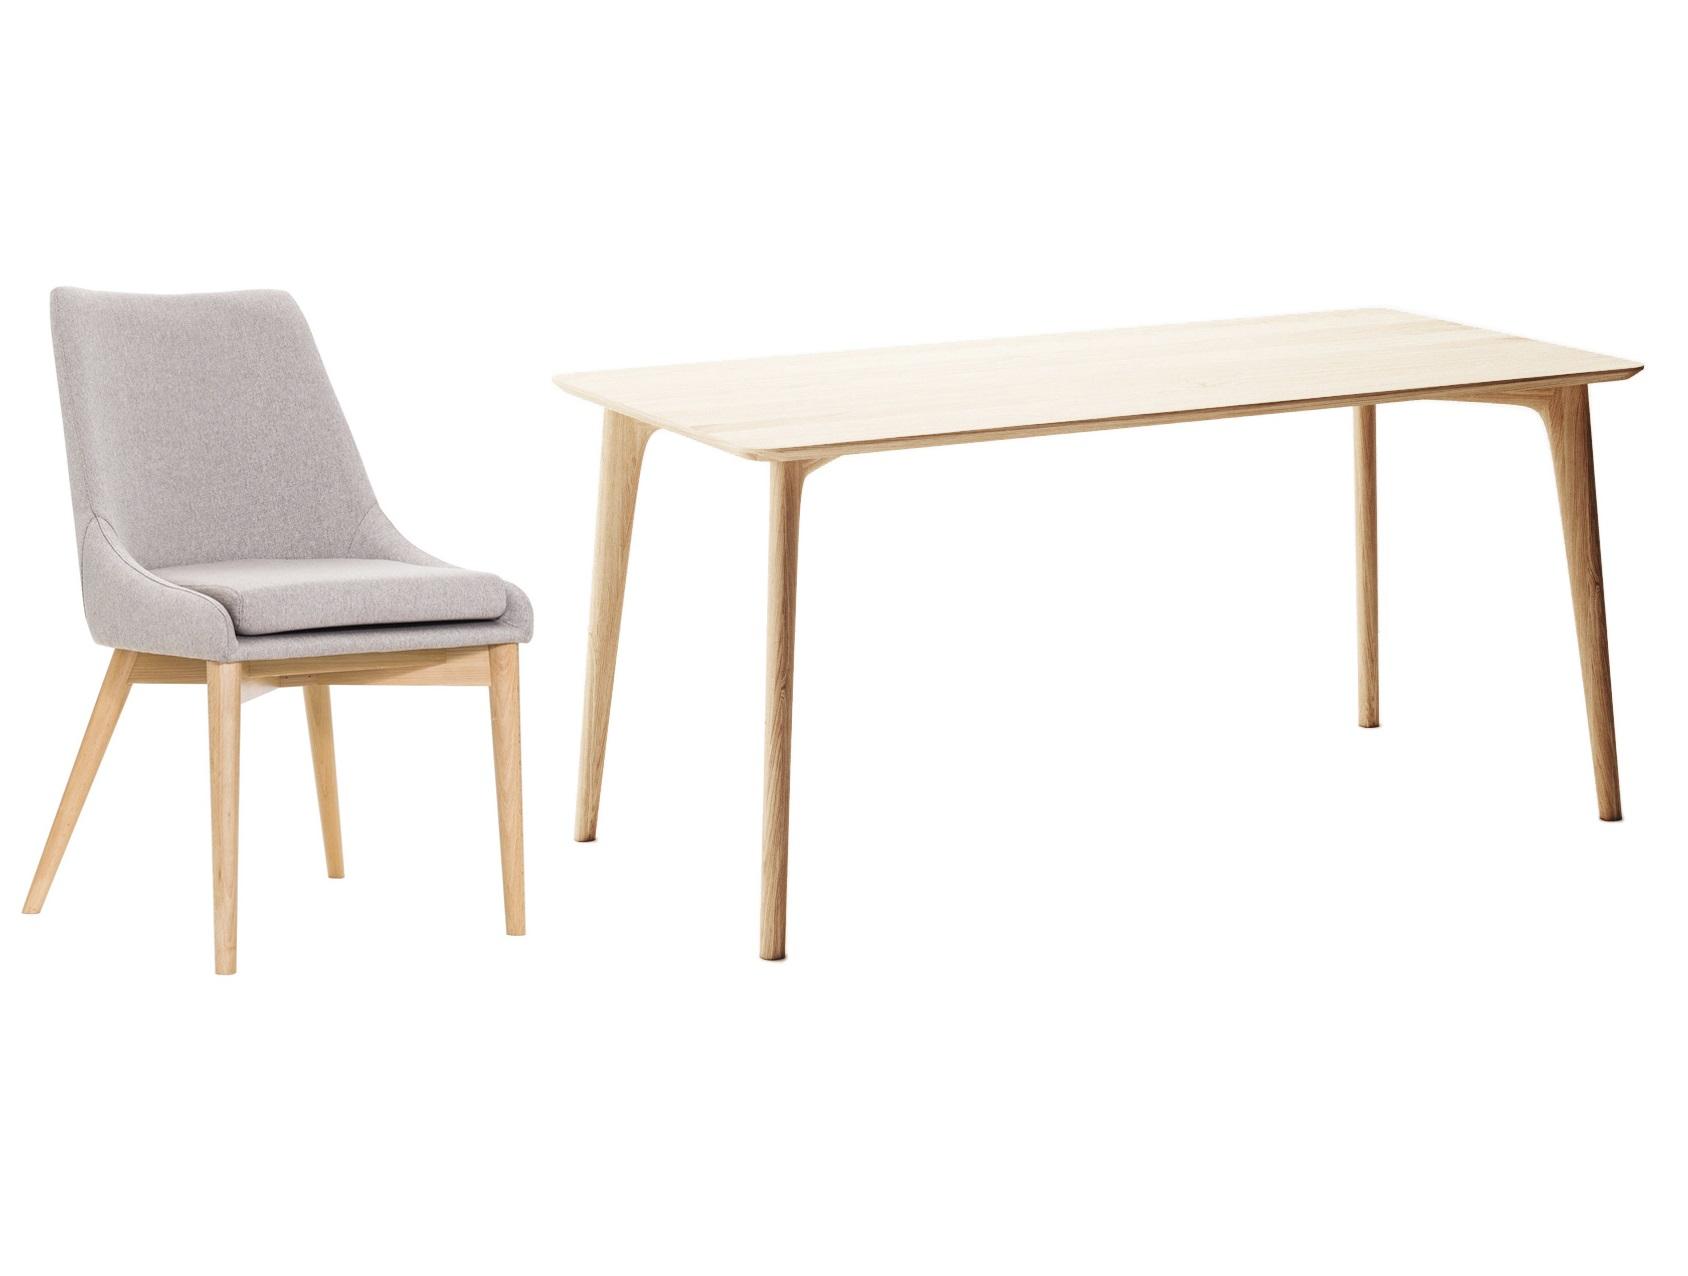 Обеденная группа Iggy (стол + 6 стульев)Комплекты для столовой<br>Обеденный стол Iggy - это лаконичный дизайн, изящные, эргономичные формы и благородная фактура дерева.Ножки выполнены из массива дуба и отвечают за его прочность и устойчивость.Столешница - шпонированный дуб. Размеры стола позволяют комфортно расположится большому количеству людей на современных полукреслах Marble.&amp;nbsp;&amp;nbsp;Экологически чистые материалы этих полукресел в сочетании с простой и легкой формой зададут настроение любому интерьеру, будь то гостиная или офисРазмеры стола: 160х75х80 смМатериал стола: массив дуба, МДФ, натуральный шпон дуба, лак.Размеры стула: 50х85х58 смМатериал стула: &amp;nbsp;дерево, текстиль<br><br><br>kit: None<br>gender: None